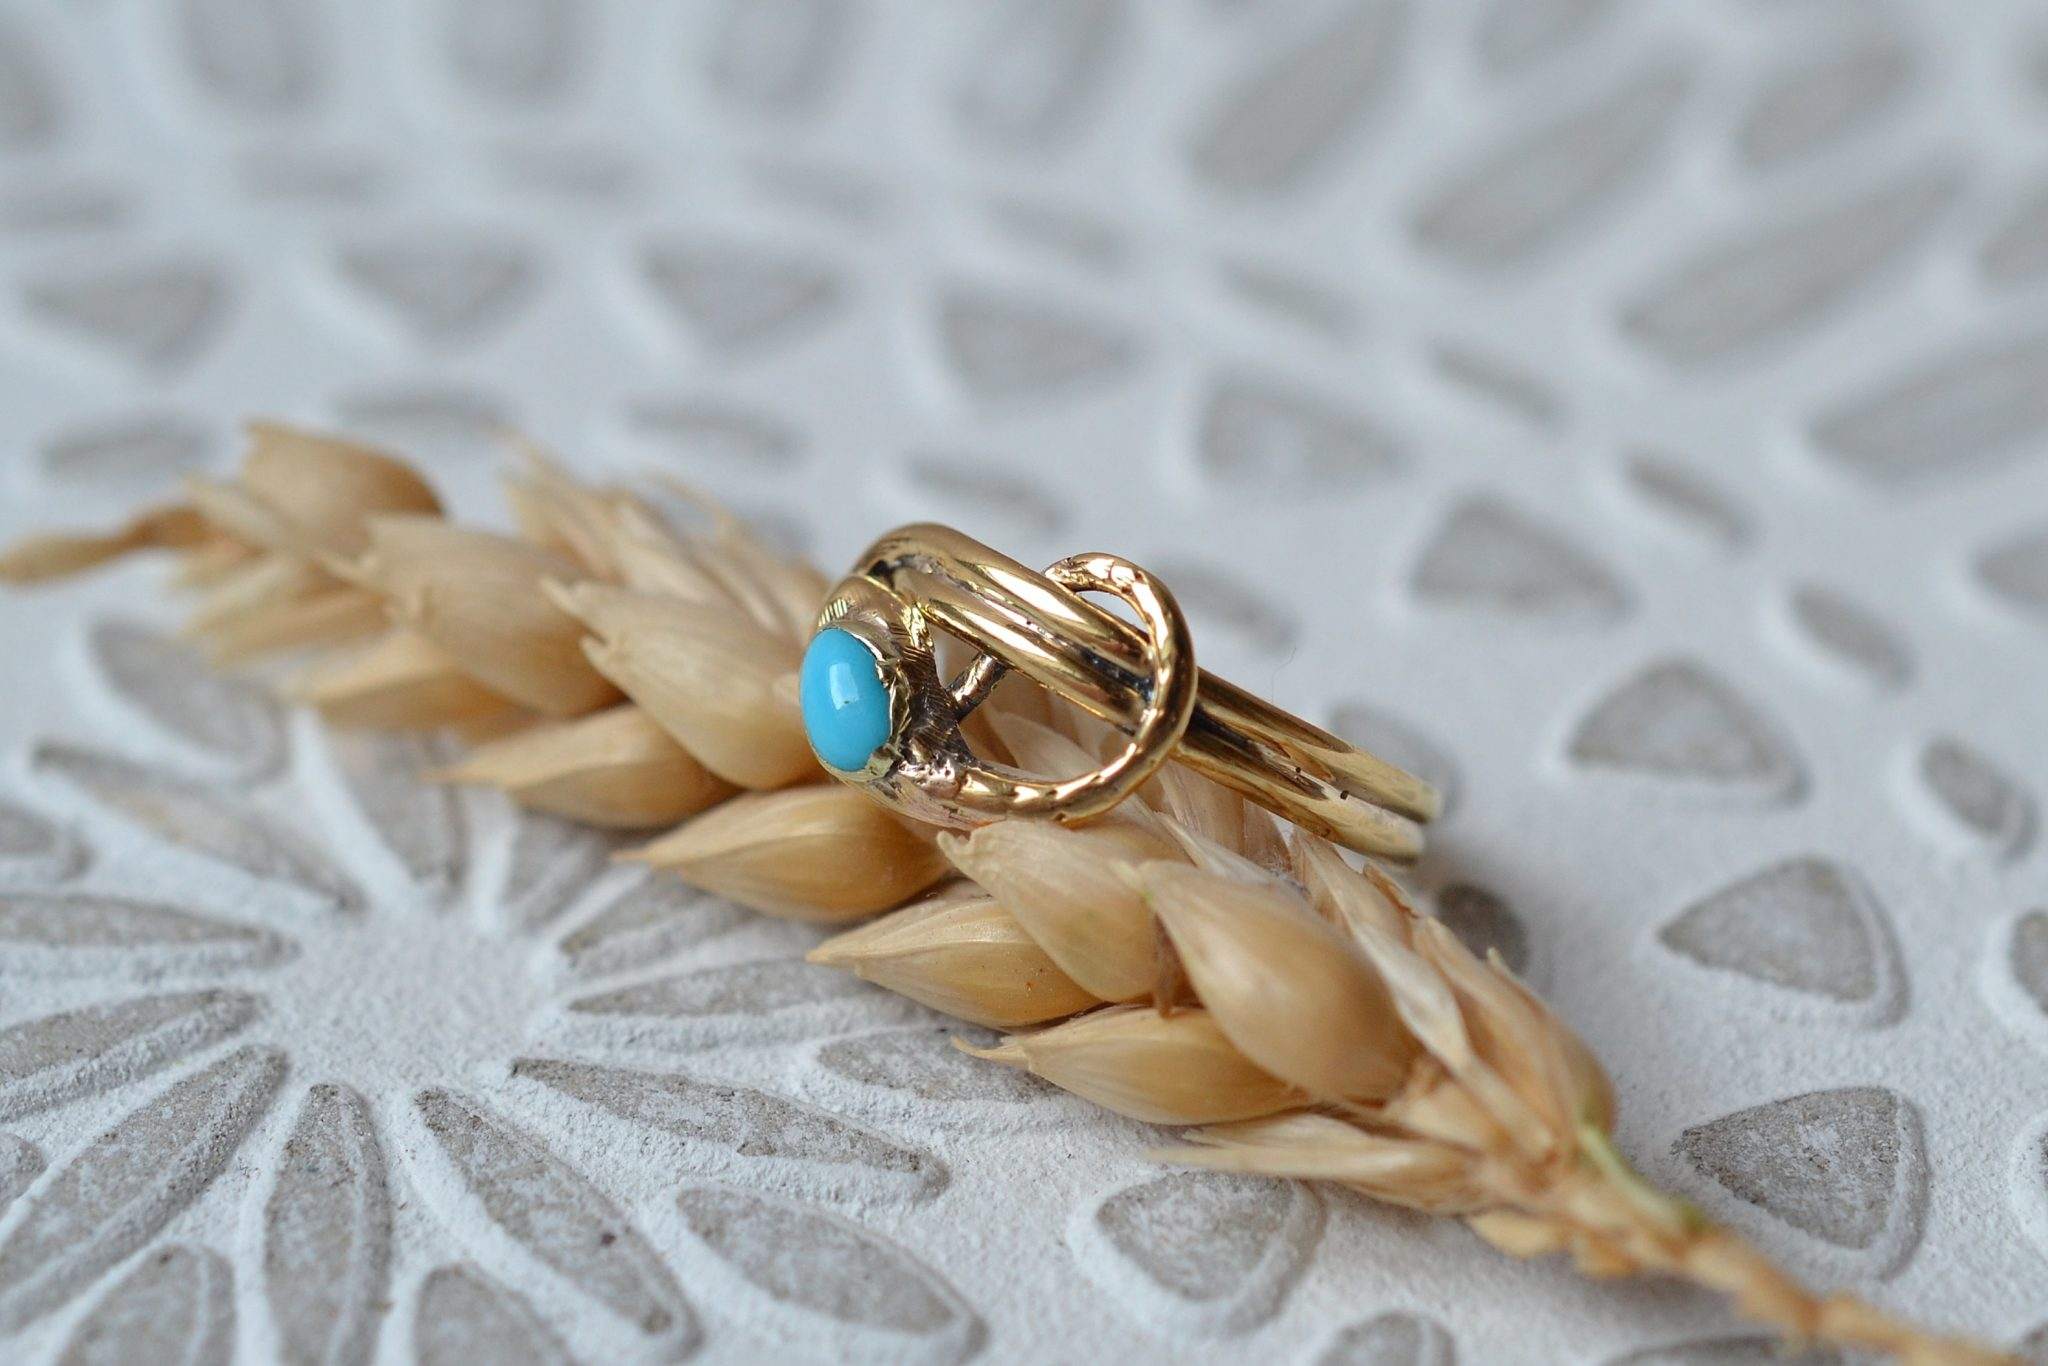 Bague En Or Jaune Sertie D_une Turquoise - Bague De Fiançailles Vintage